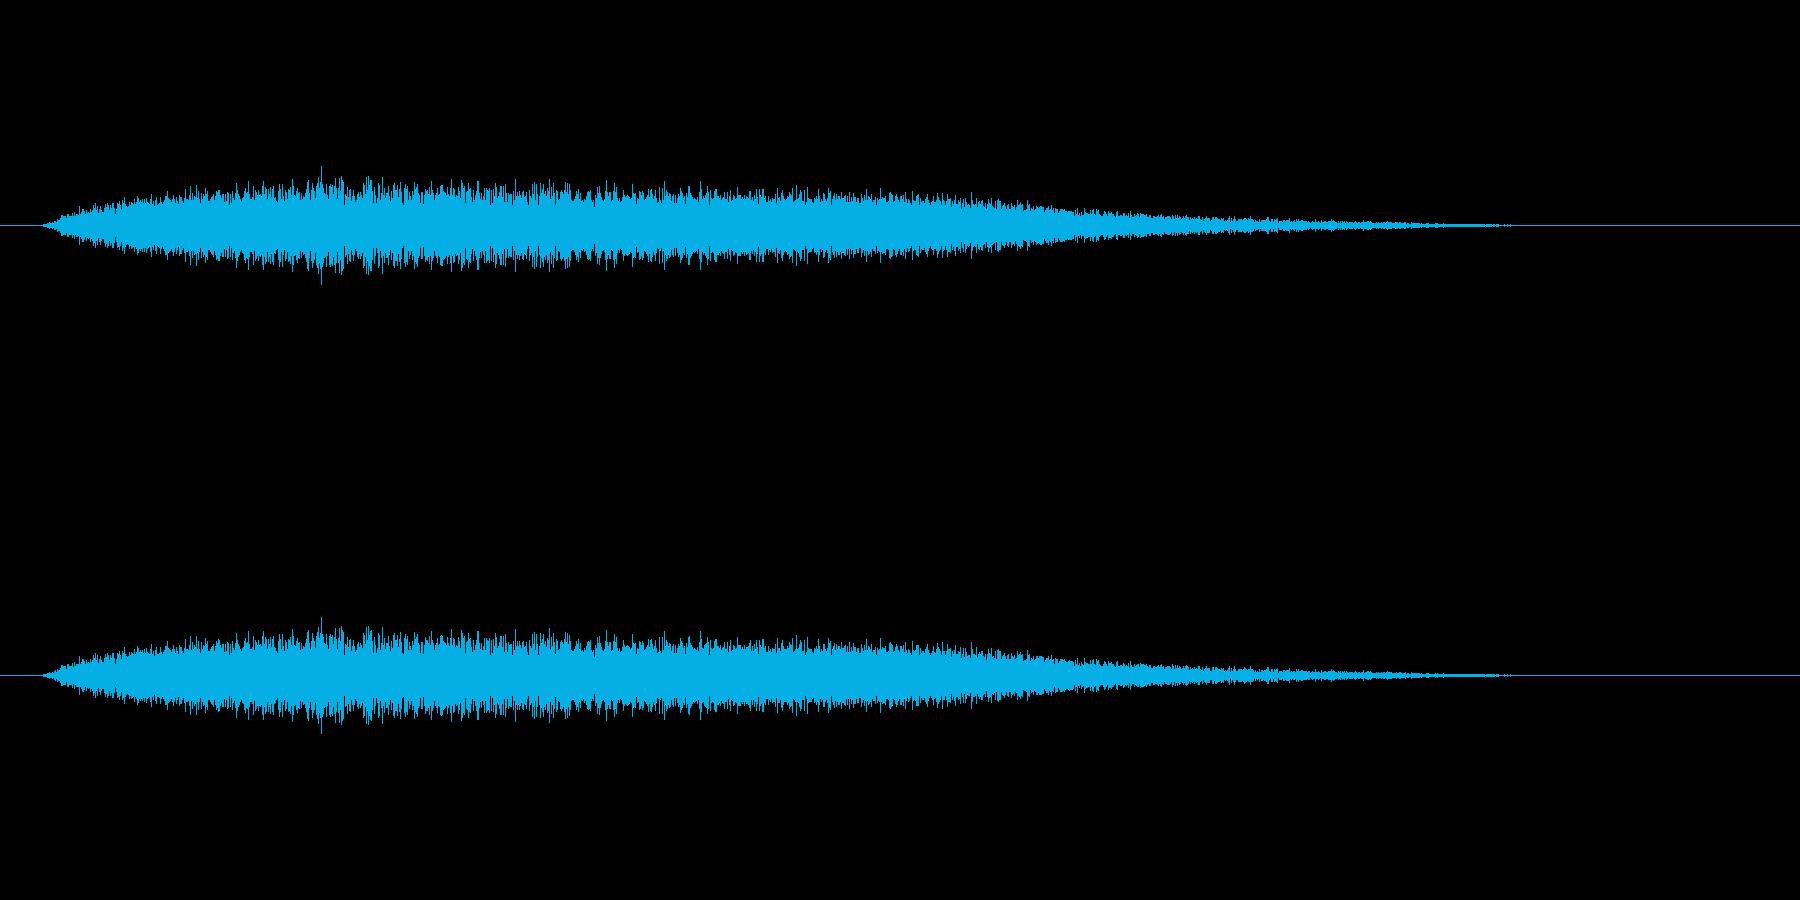 【風 合成02-6】の再生済みの波形